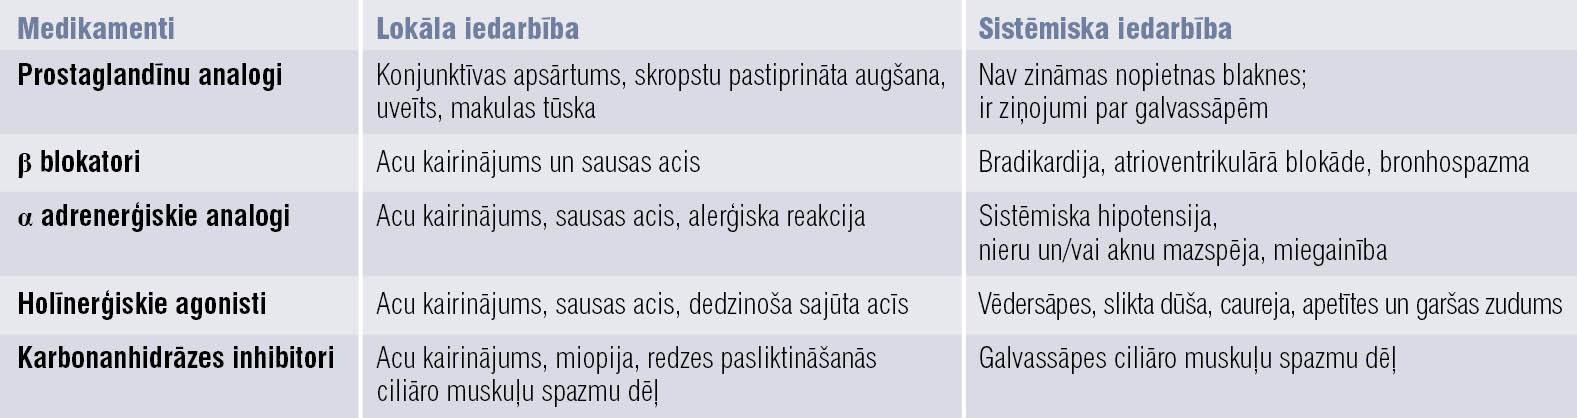 Pretglaukomas medikamentu grupu lokāla un sistēmiska iedarbība